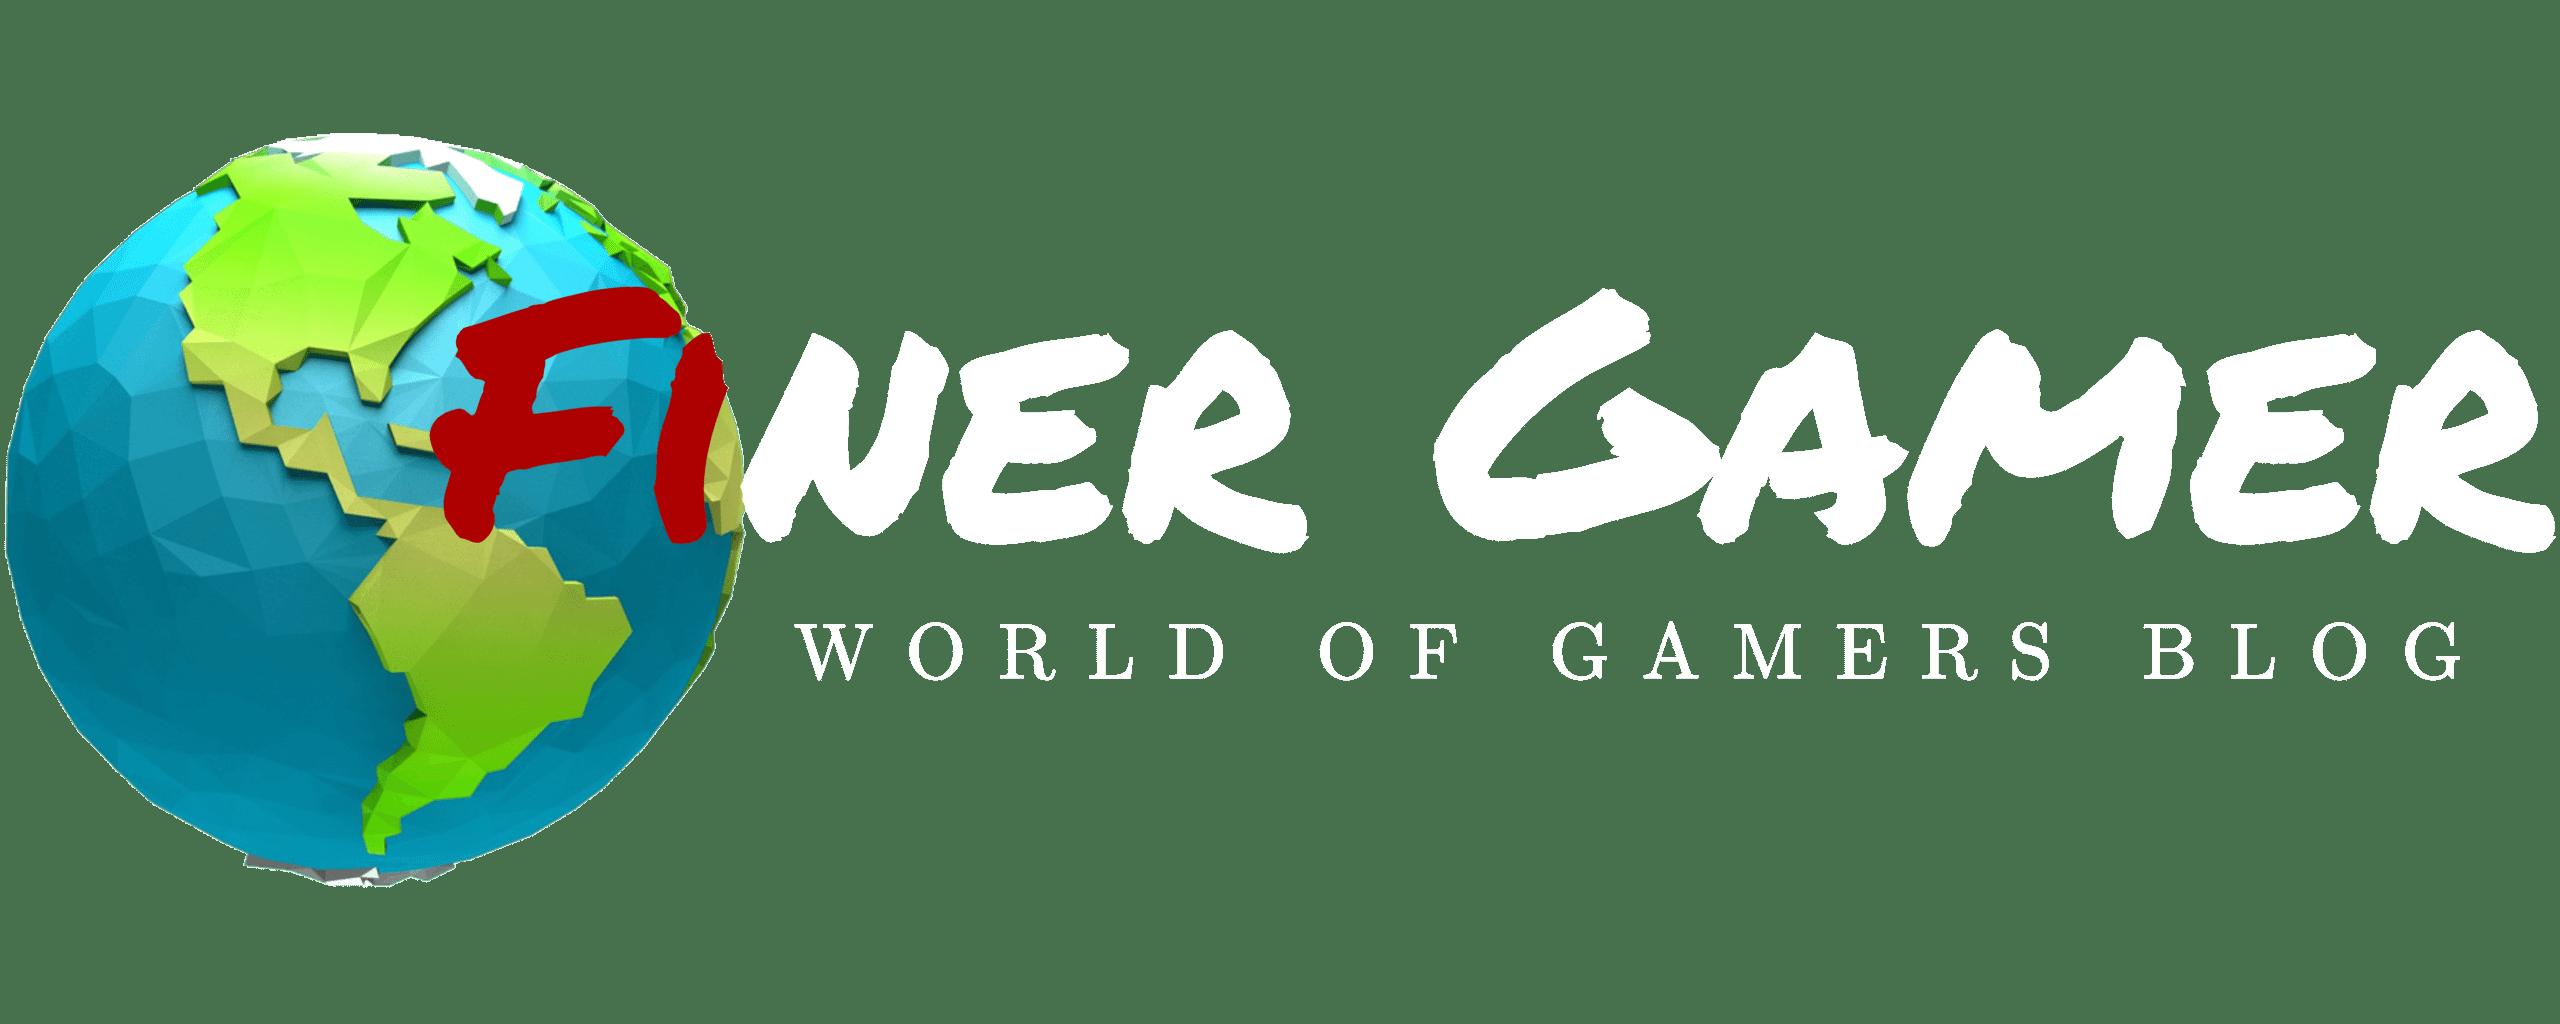 Finer Gamer